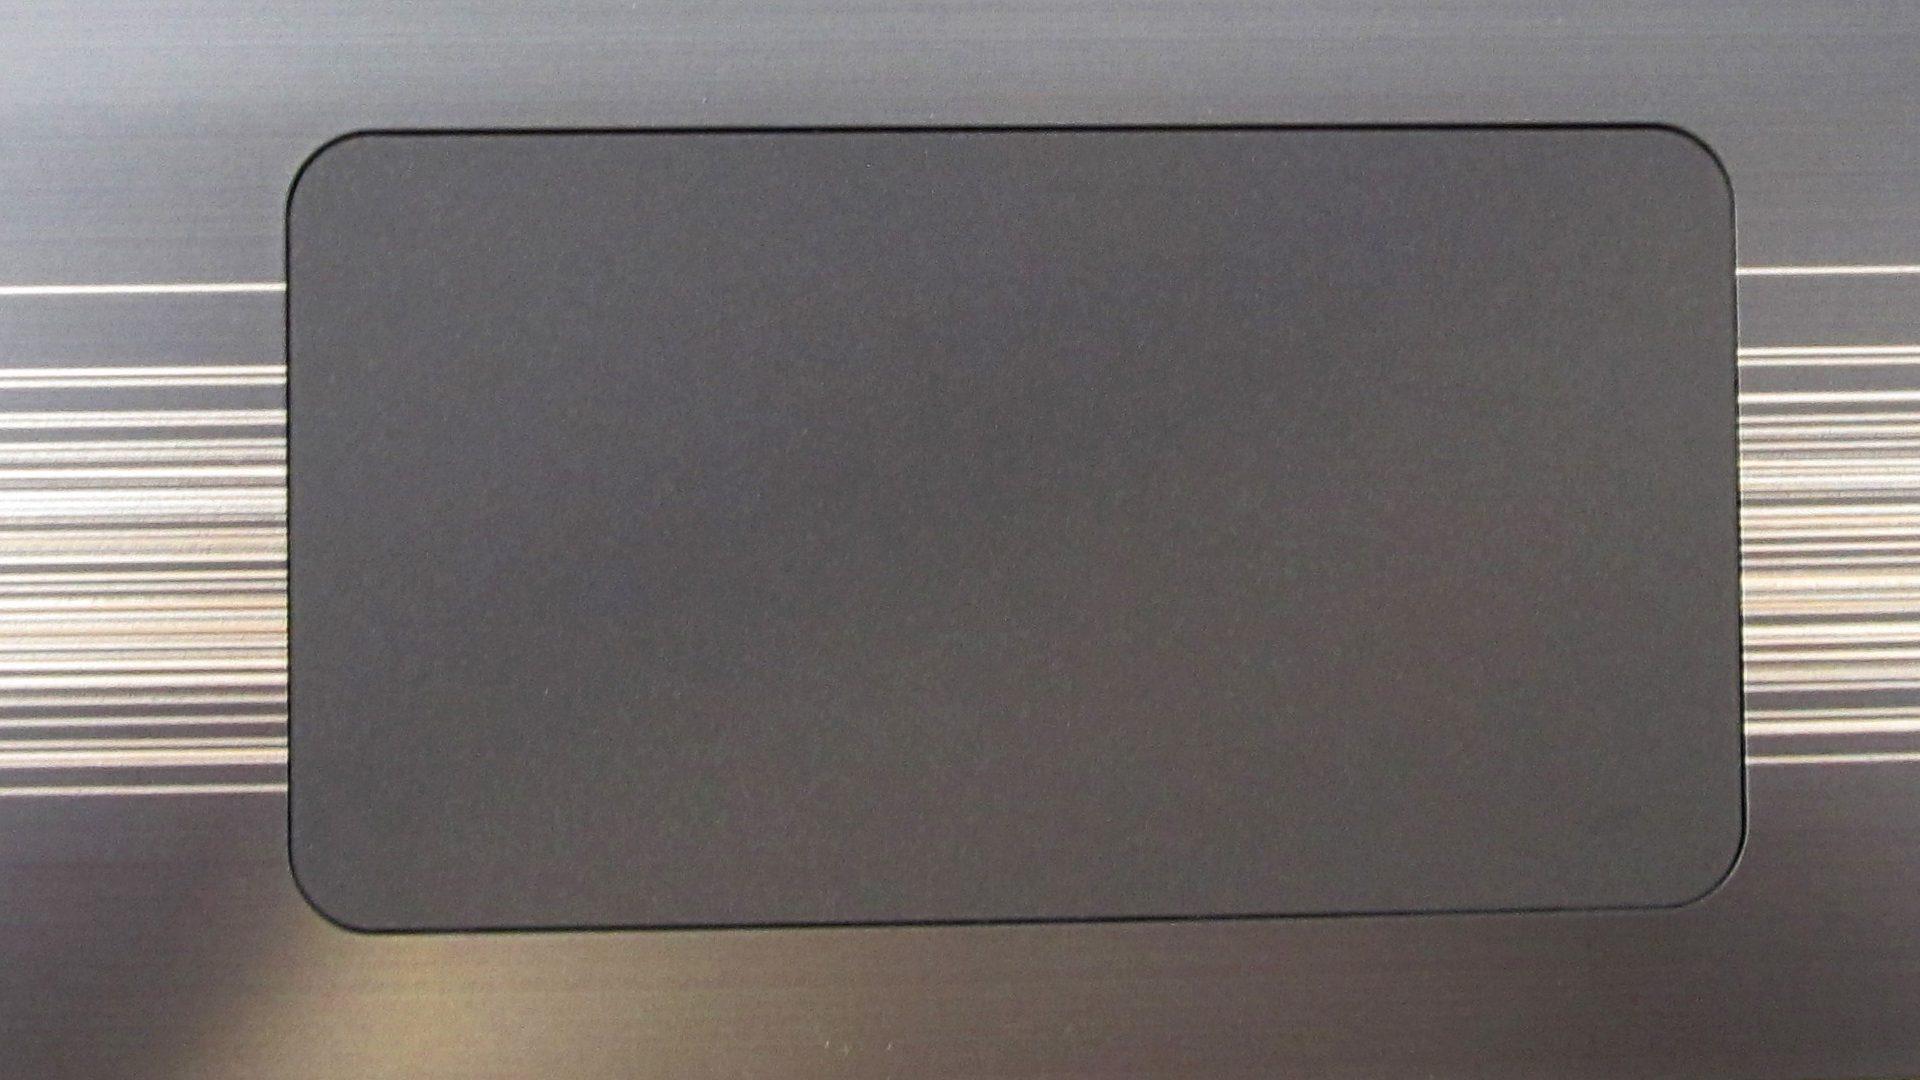 HP-Pavilion-15-au013ng-tastatur_3